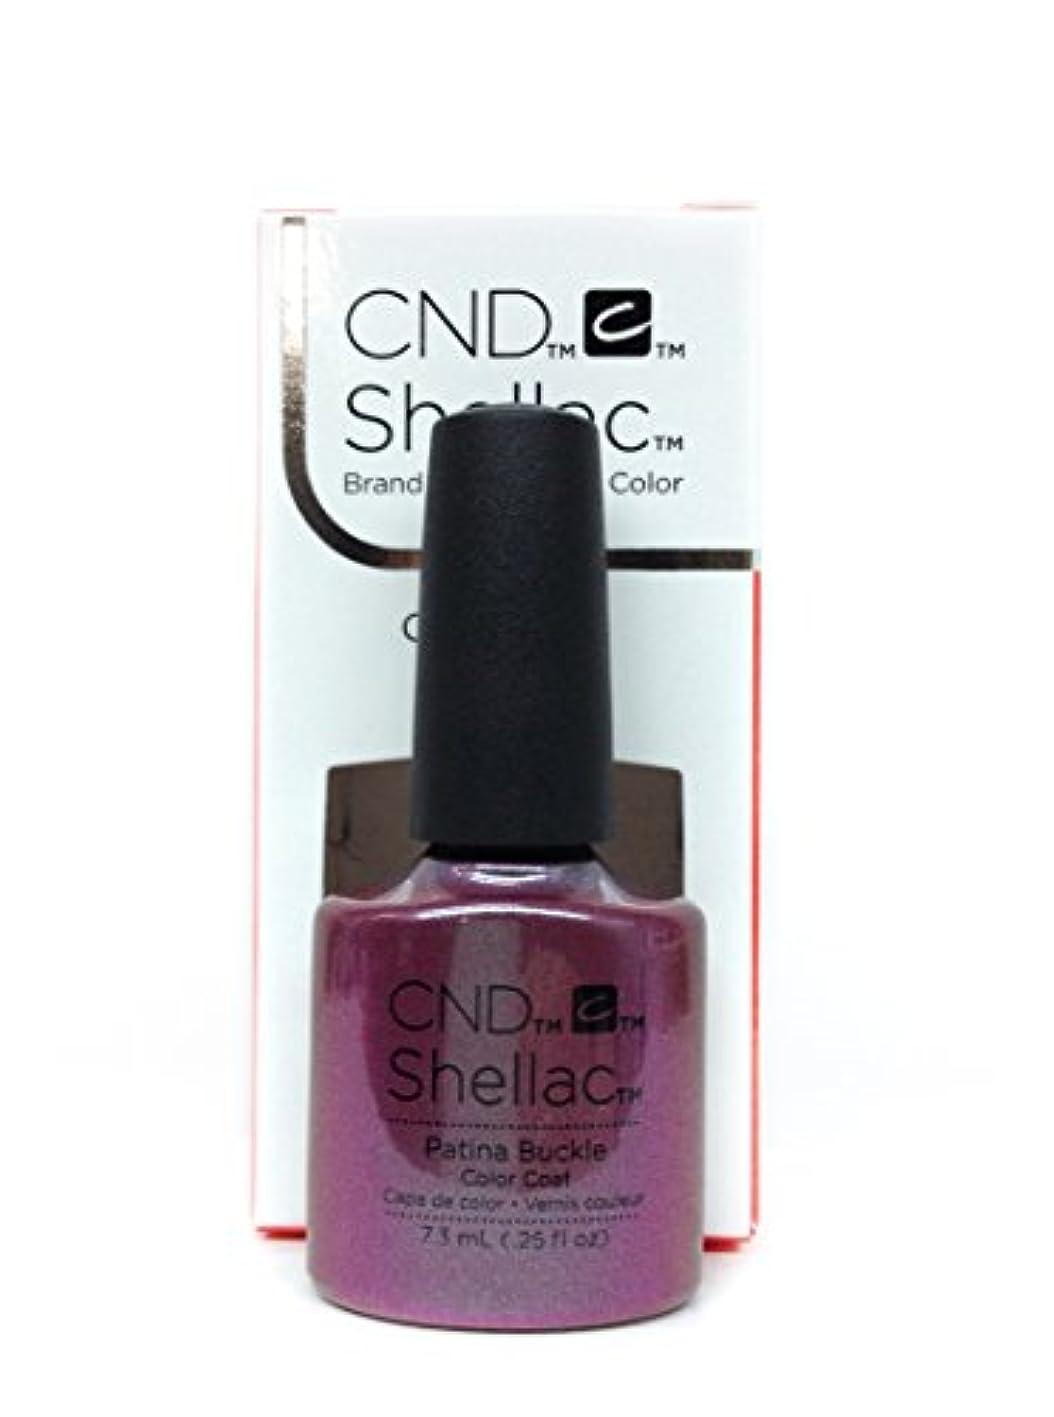 CND Shellac Gel Polish - Patina Buckle - 0.25oz / 7.3ml